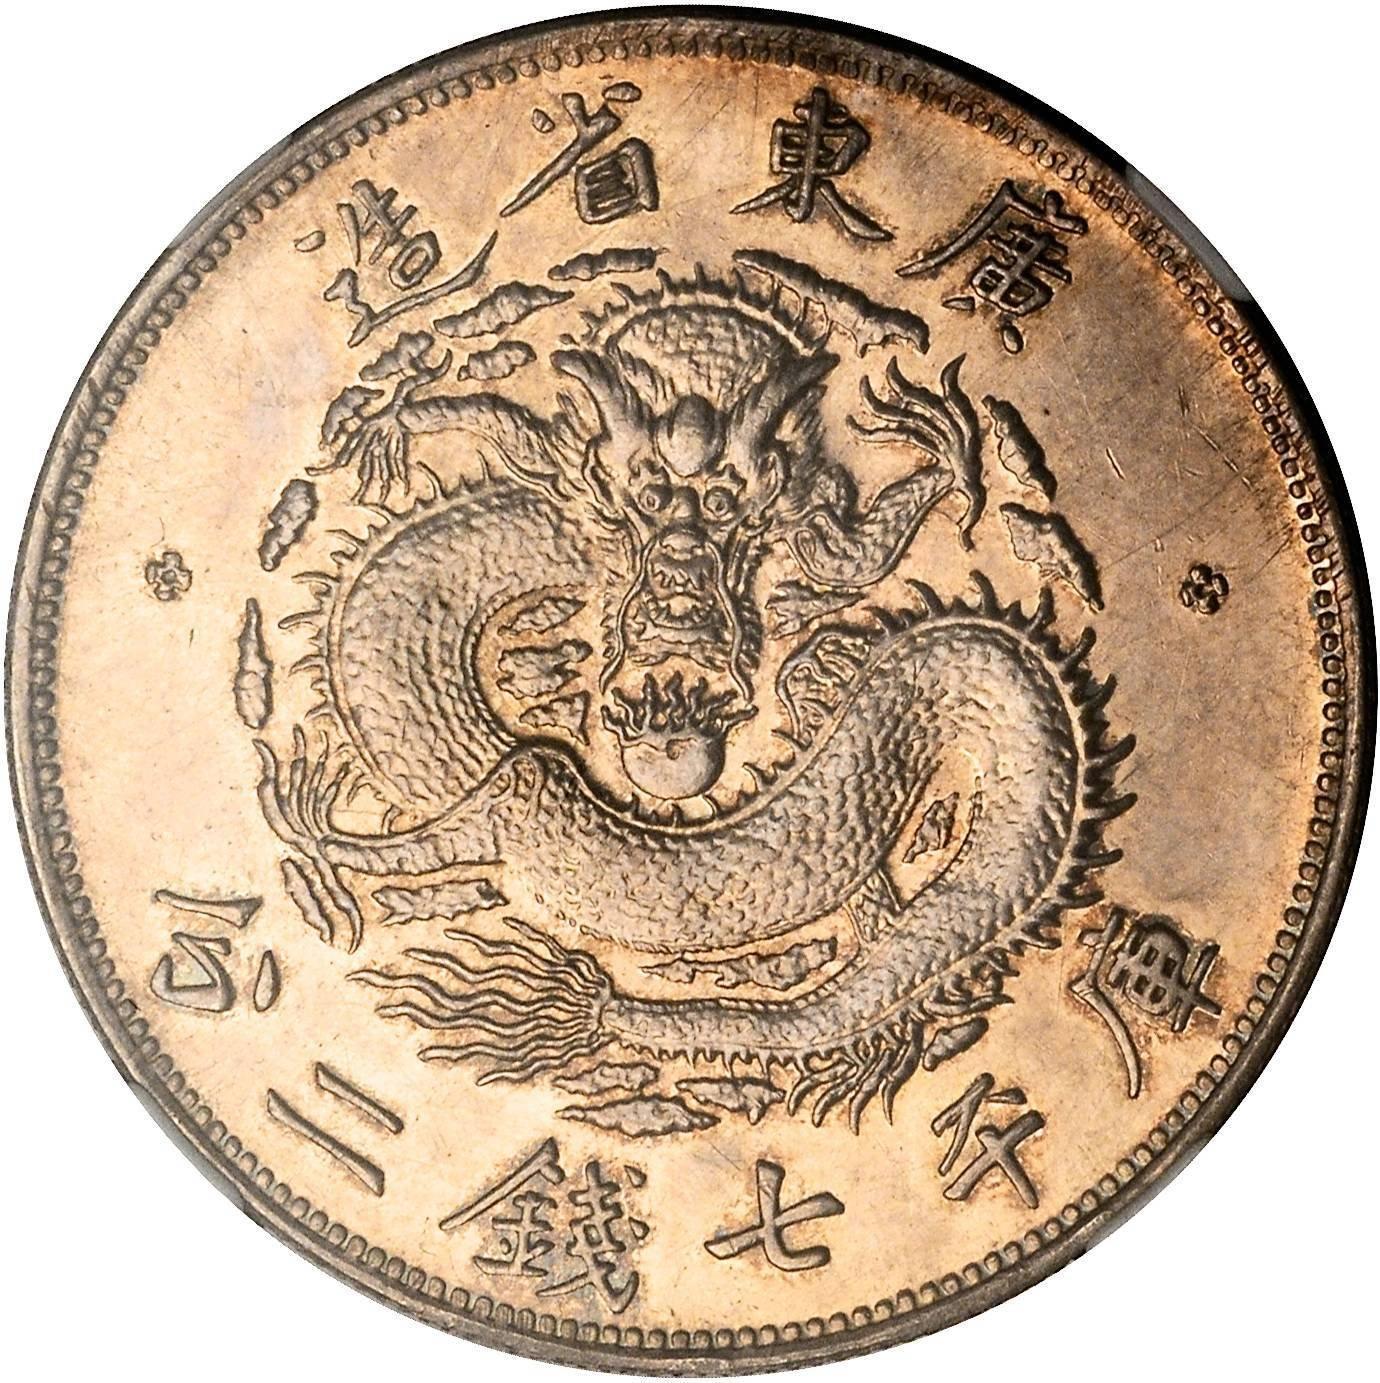 7 Mace 3 Candareens Or 2 Candareens Guangxu Guangdong